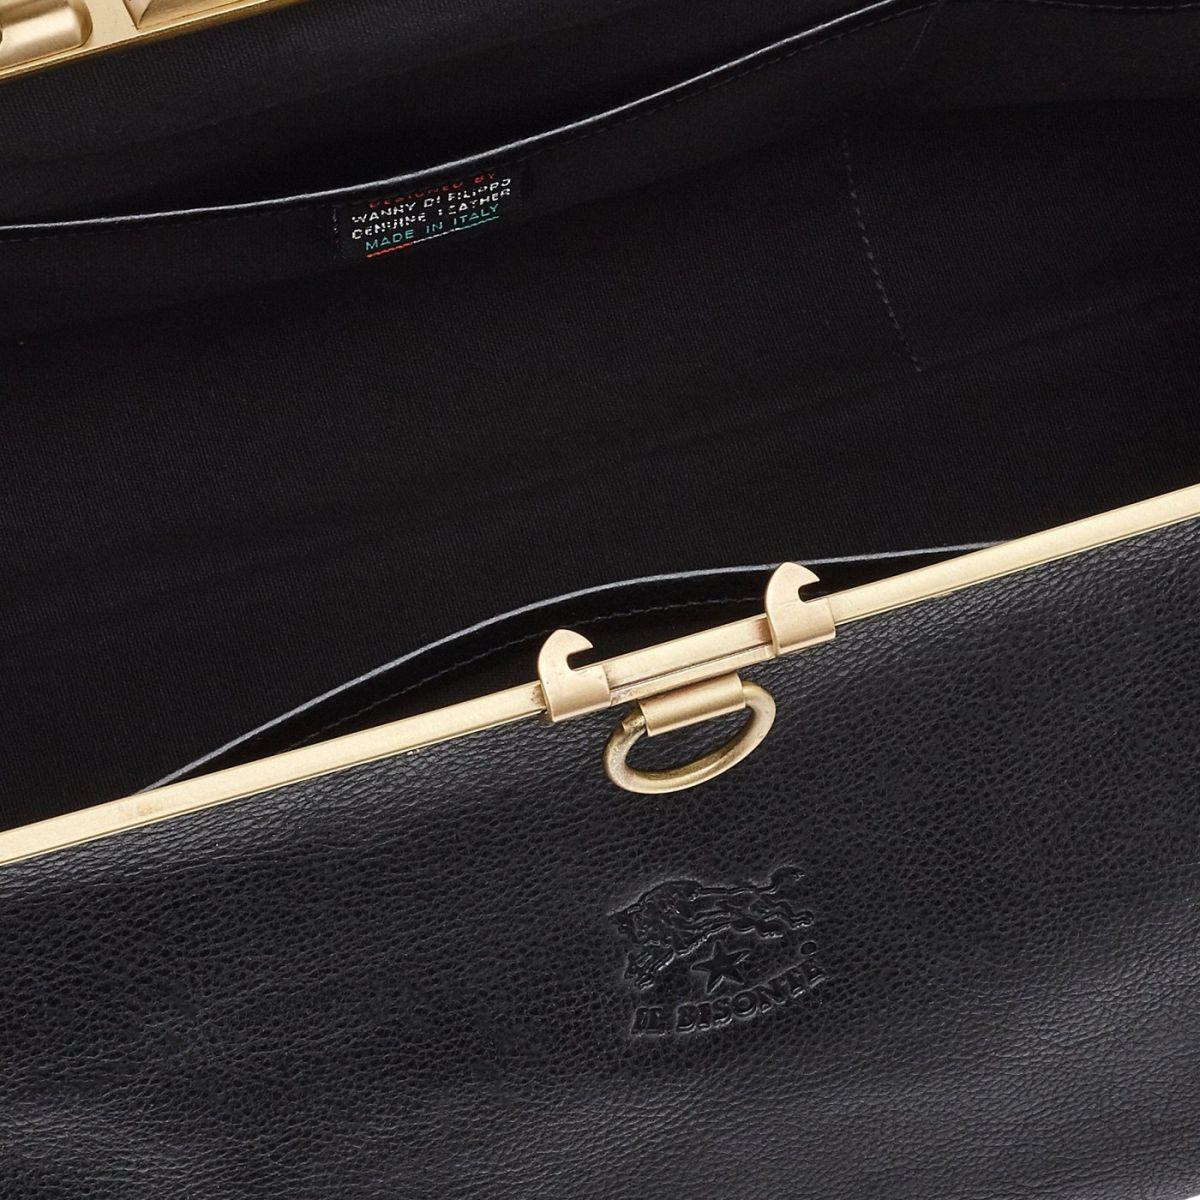 Serviette en Cuir De Vachette Doublé BBC007 couleur Noir | Details